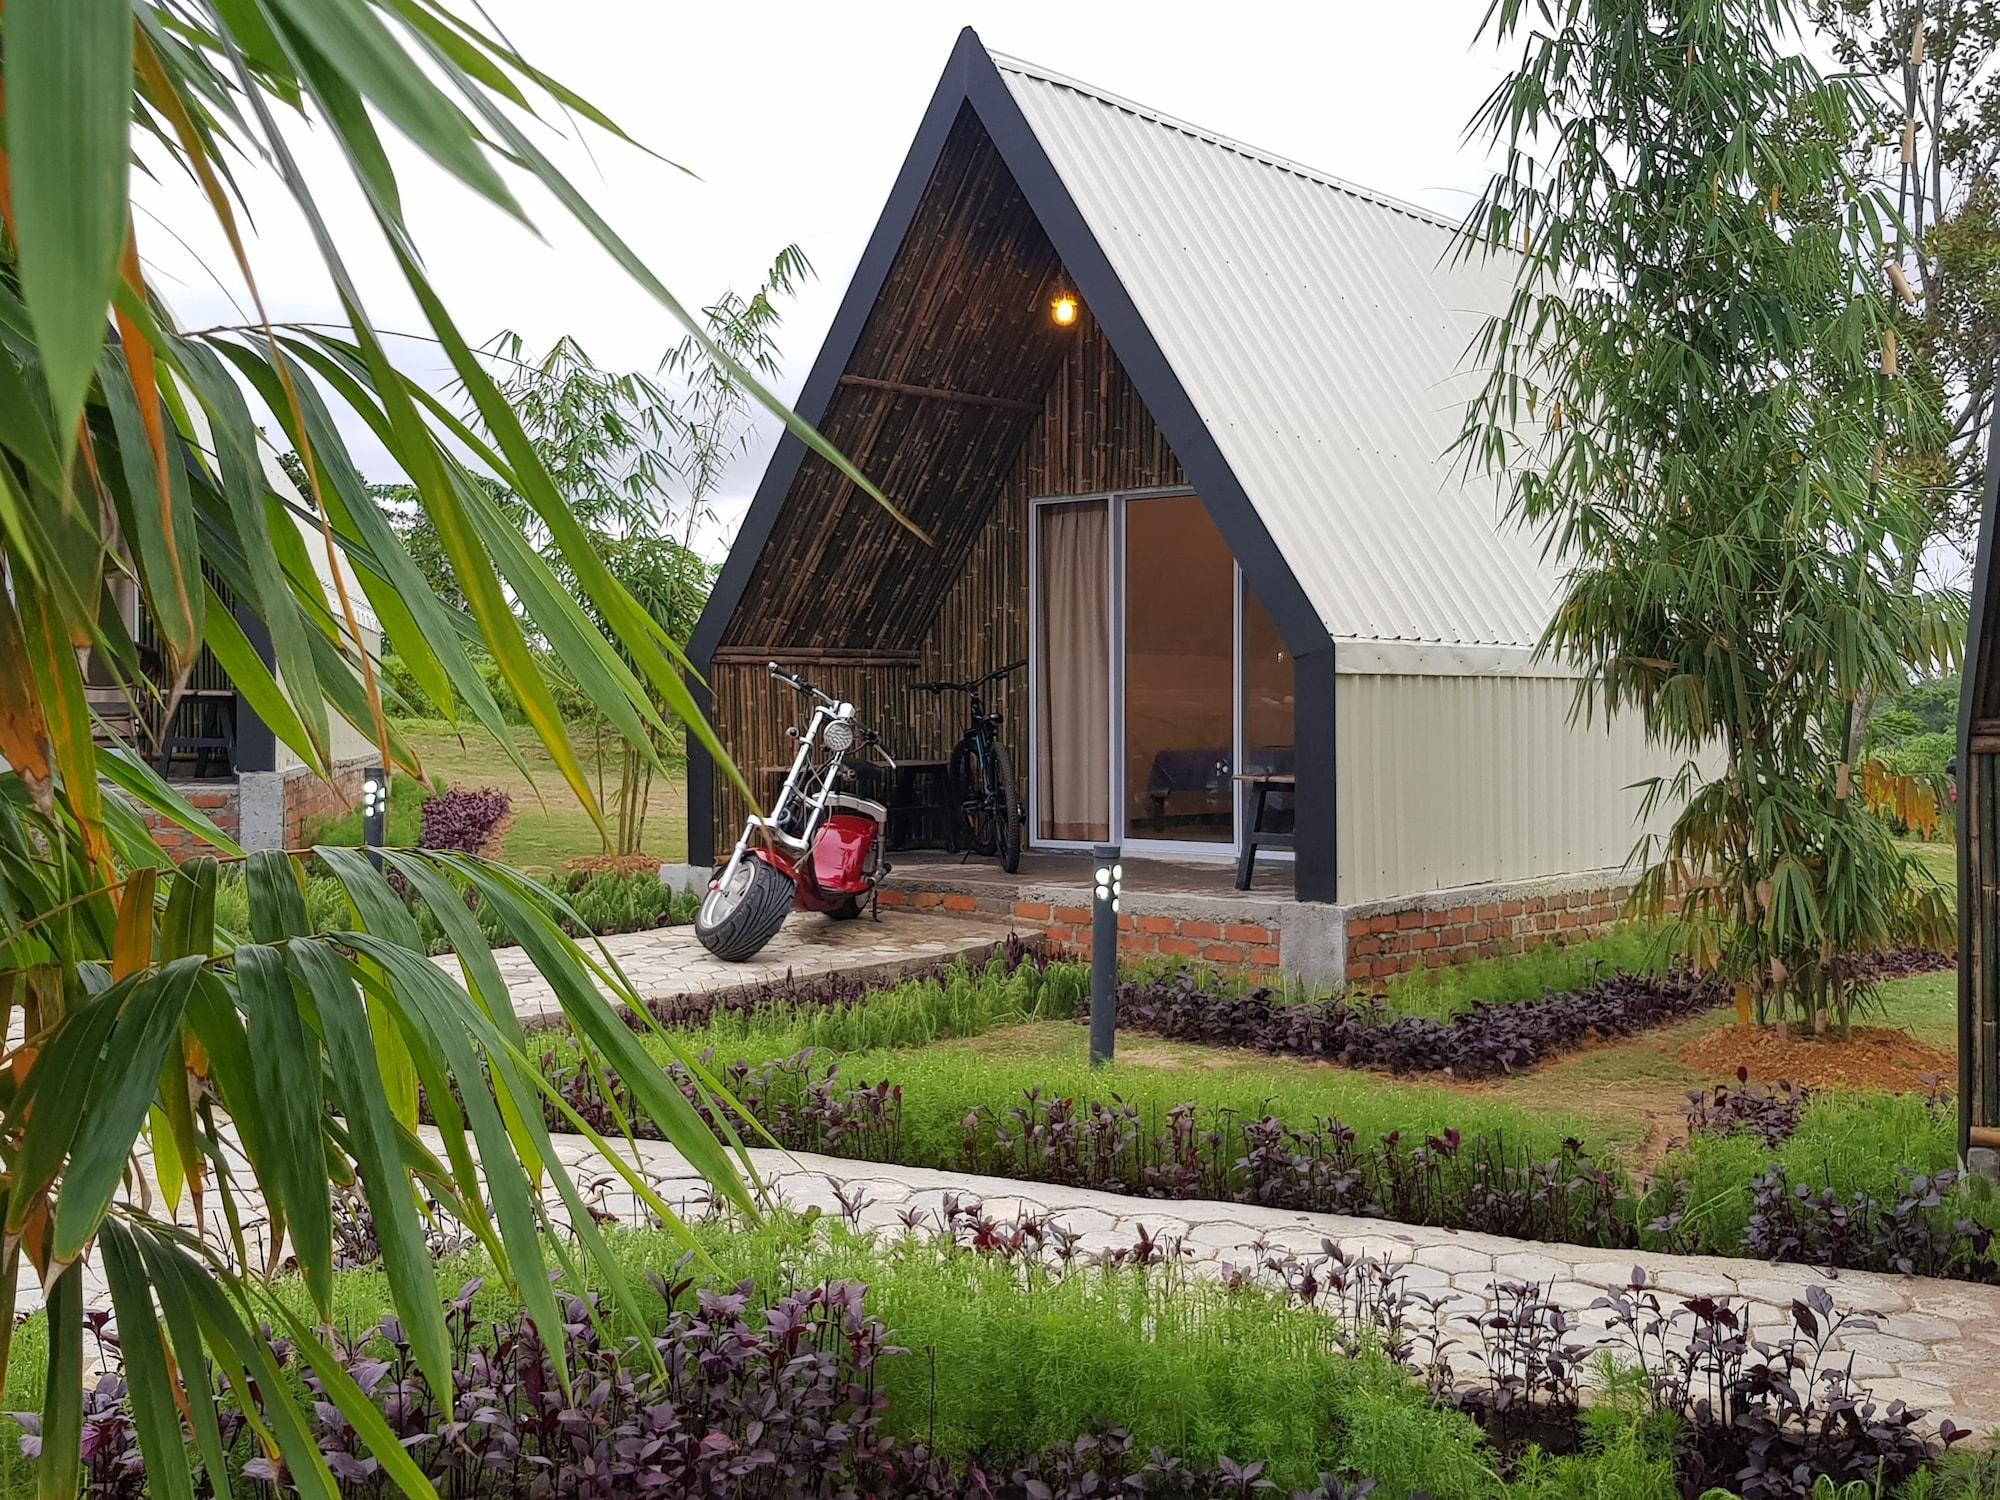 D'Bamboo Kamp Desa Wisata Ekang